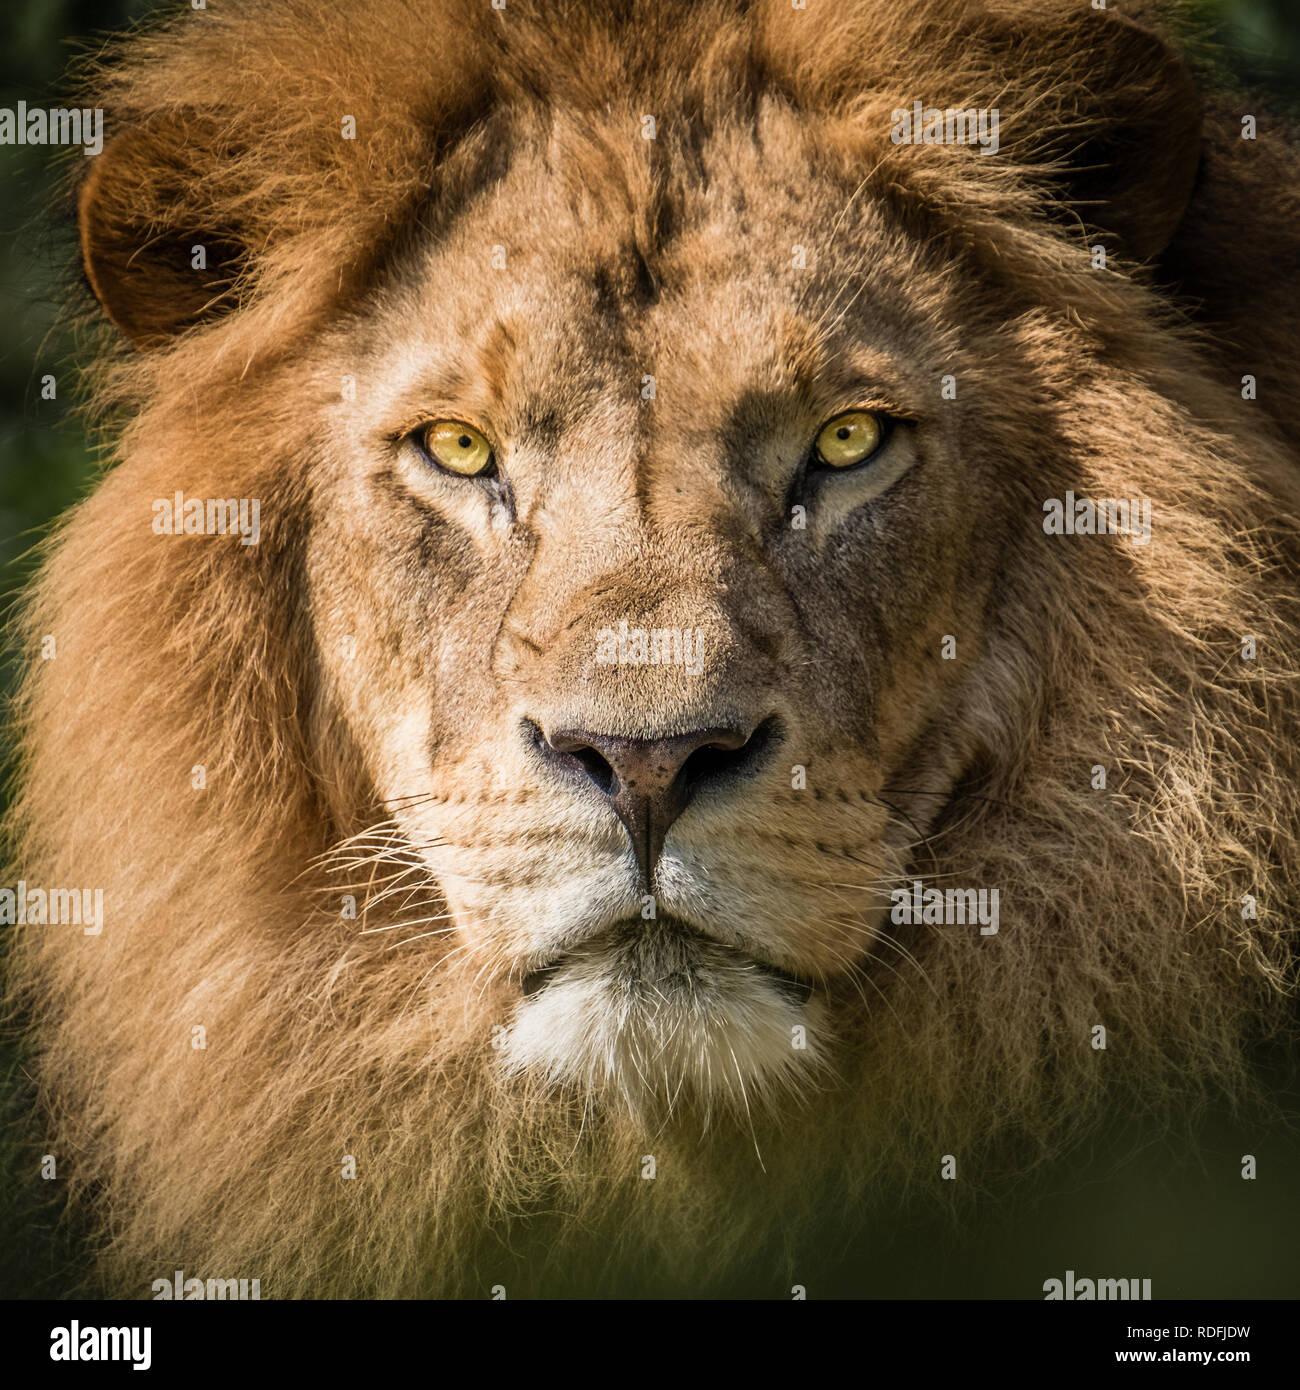 fierce portrait of a